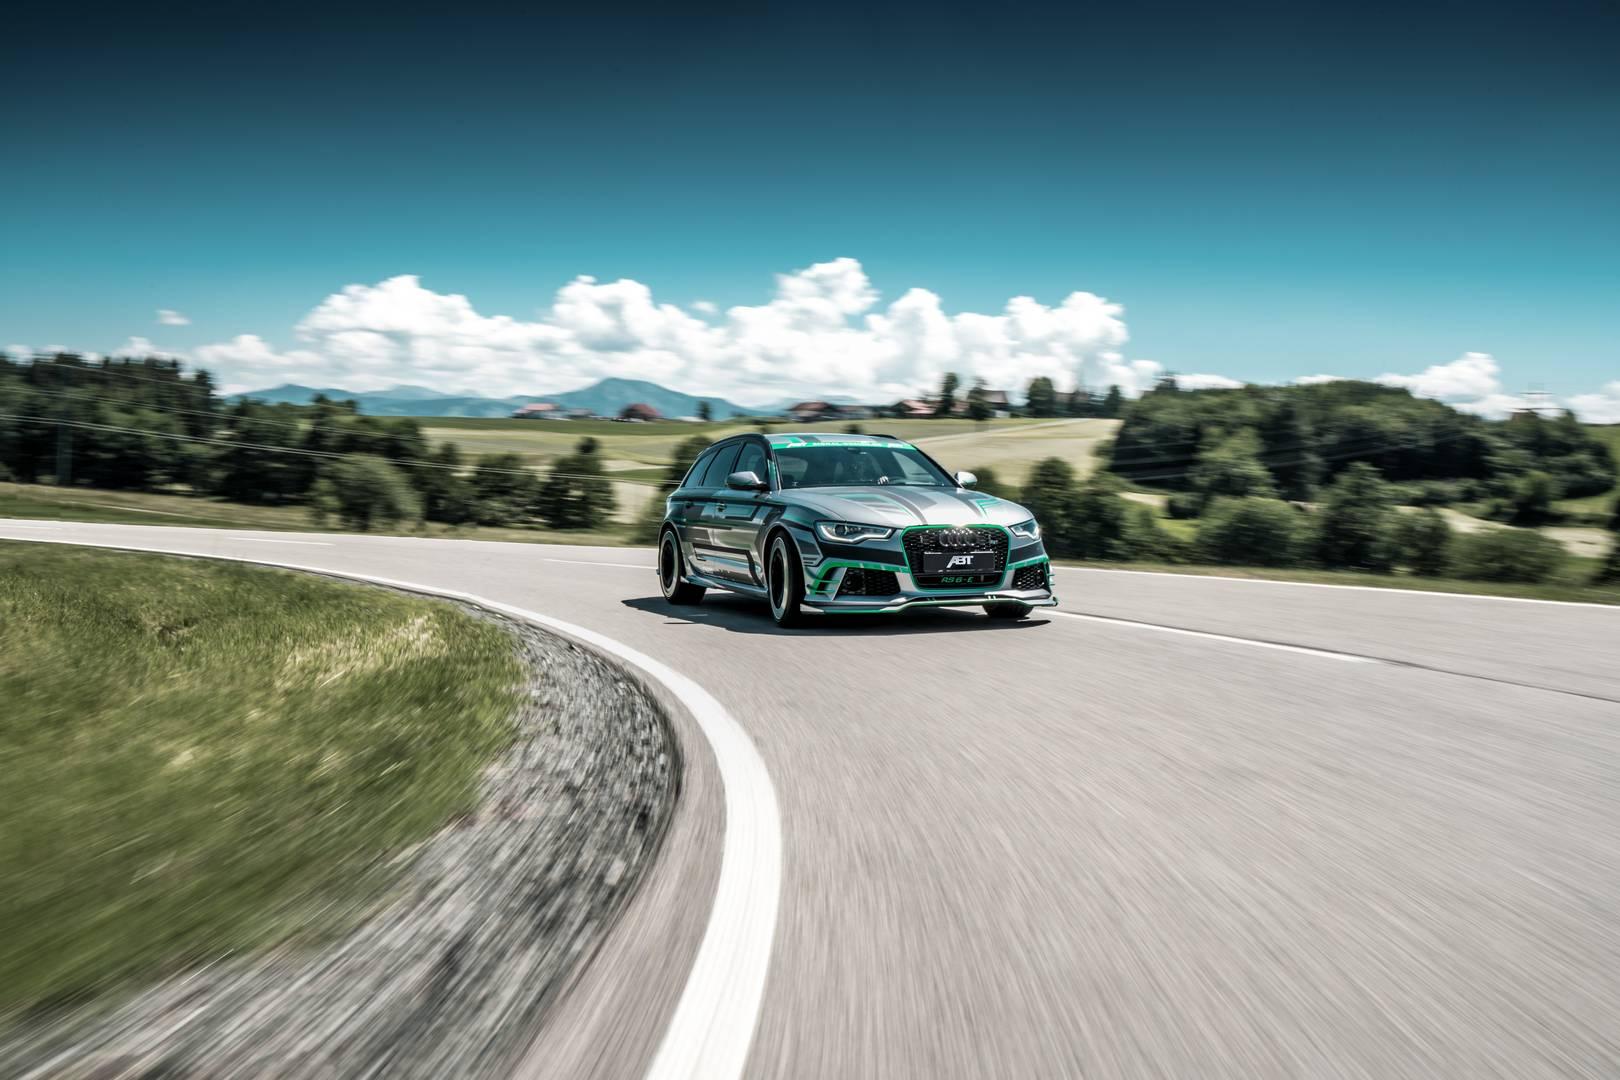 Снаружи Audi получил подходящую виниловую пленку и может похвастаться 21-дюймовыми колесами.